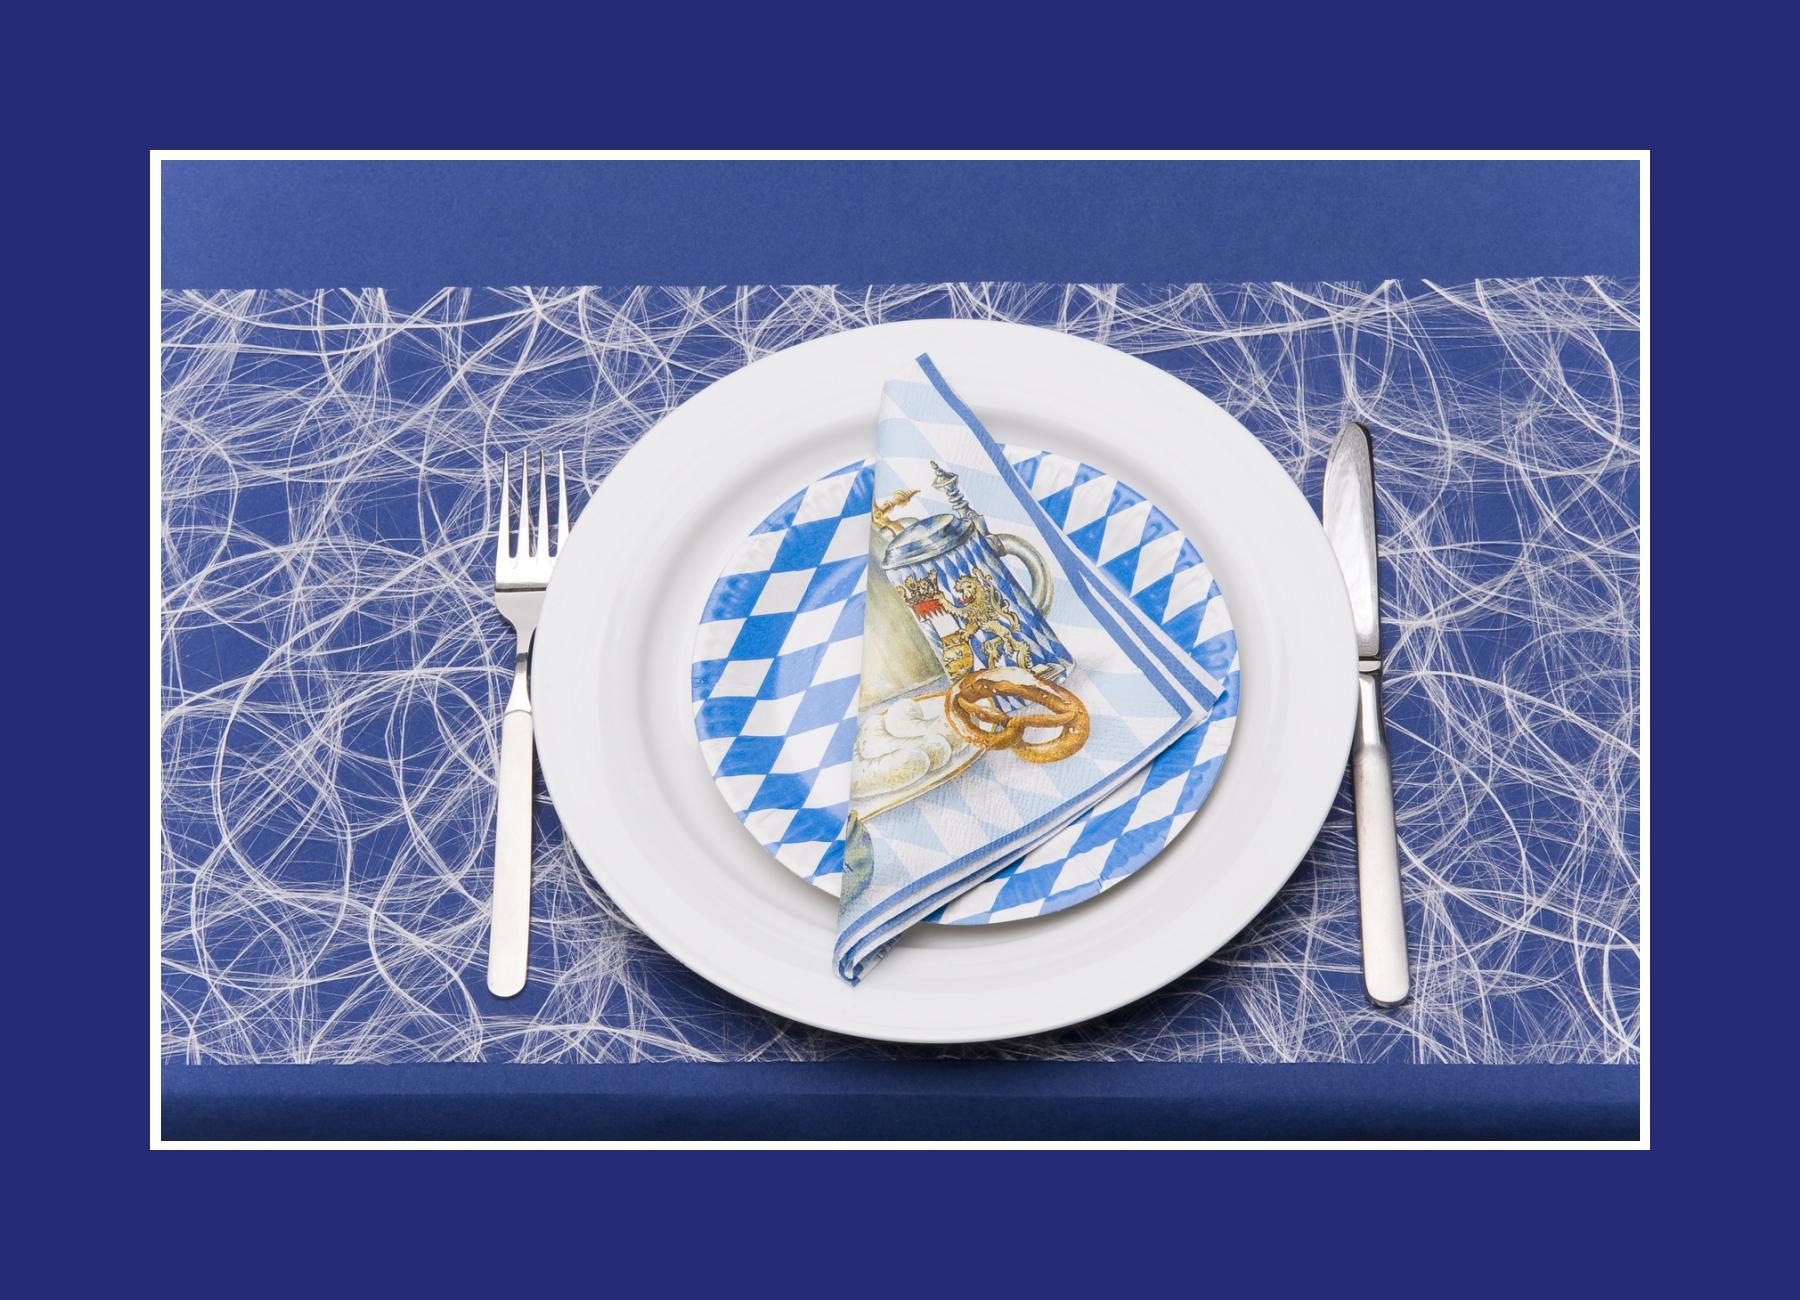 Tischdeko Bayern